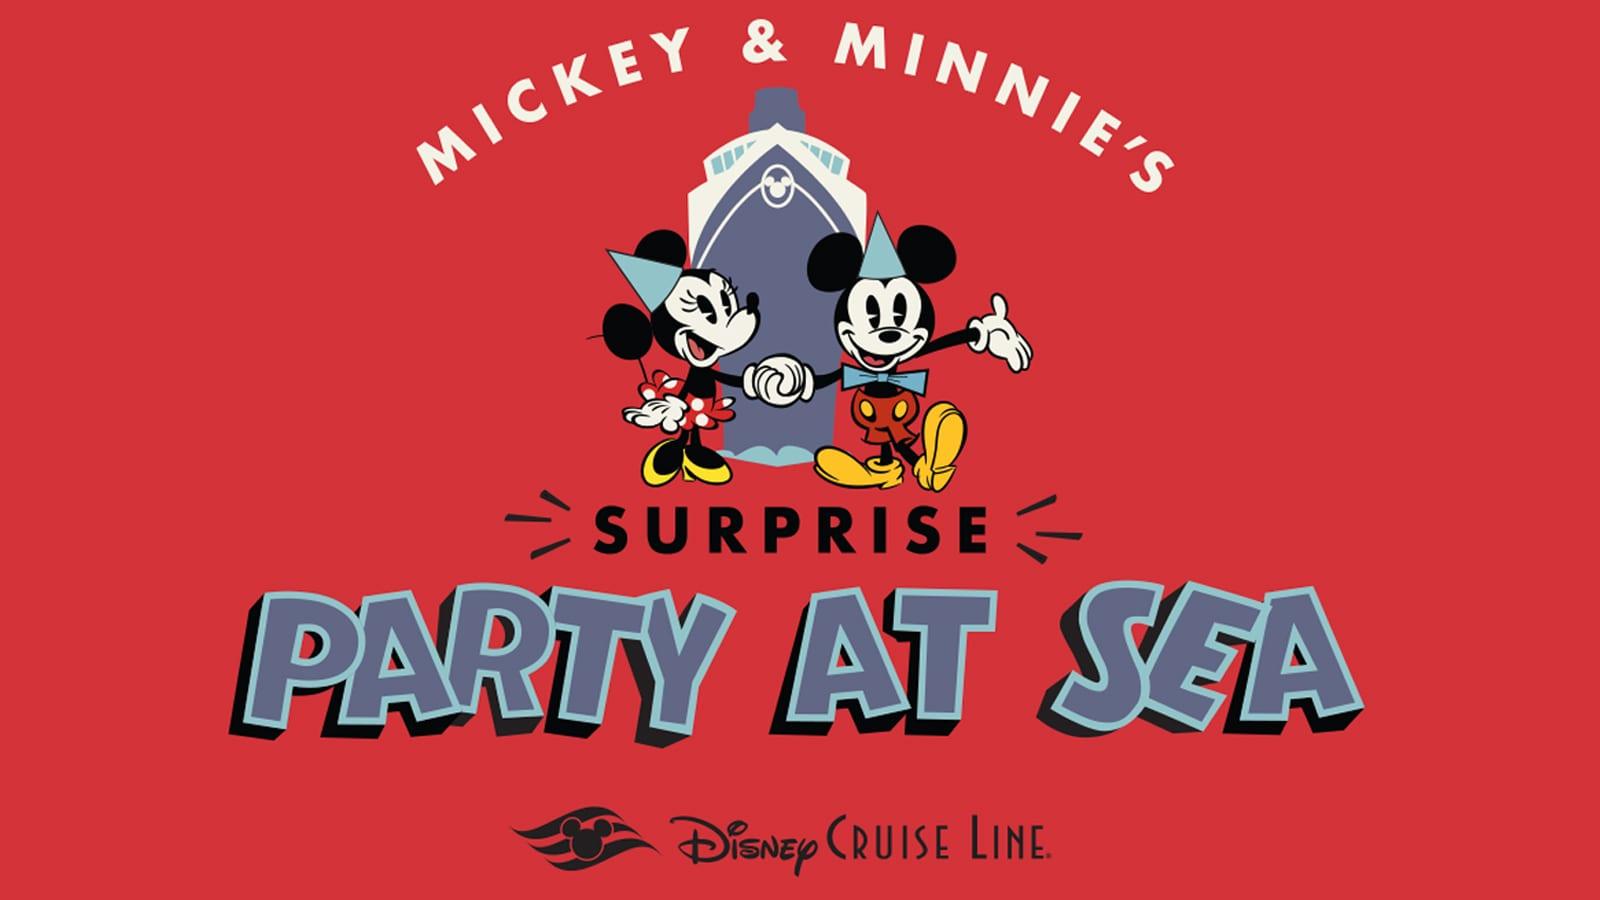 Una animación de Mickey y Minnie con las palabras Mickey and Minnie's Surprise Party at Sea